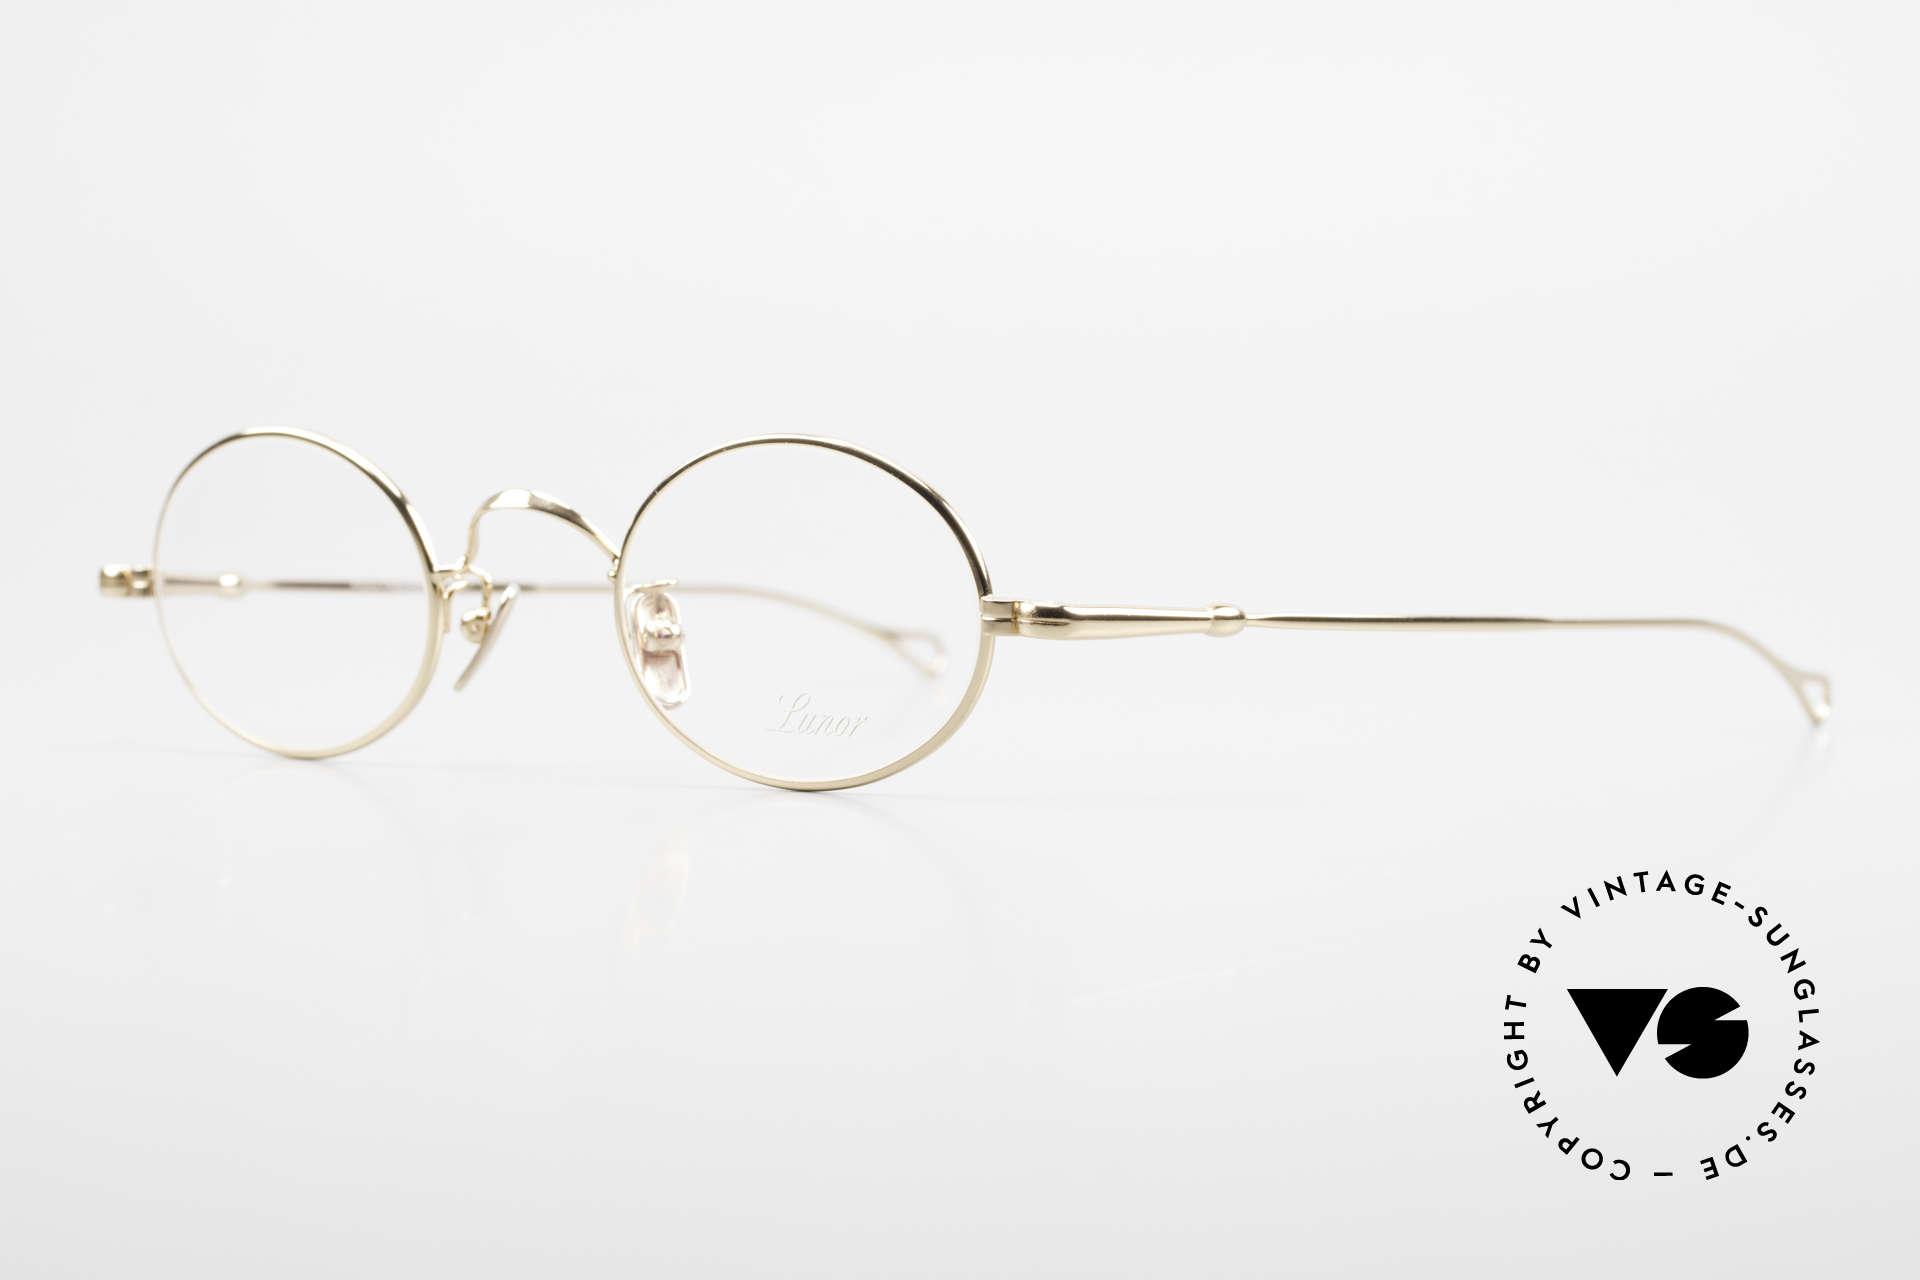 Lunor V 100 Ovale Brille 22kt Vergoldet, Modell V 100: zeitlose, ovale Brillenform (Unisex), Passend für Herren und Damen